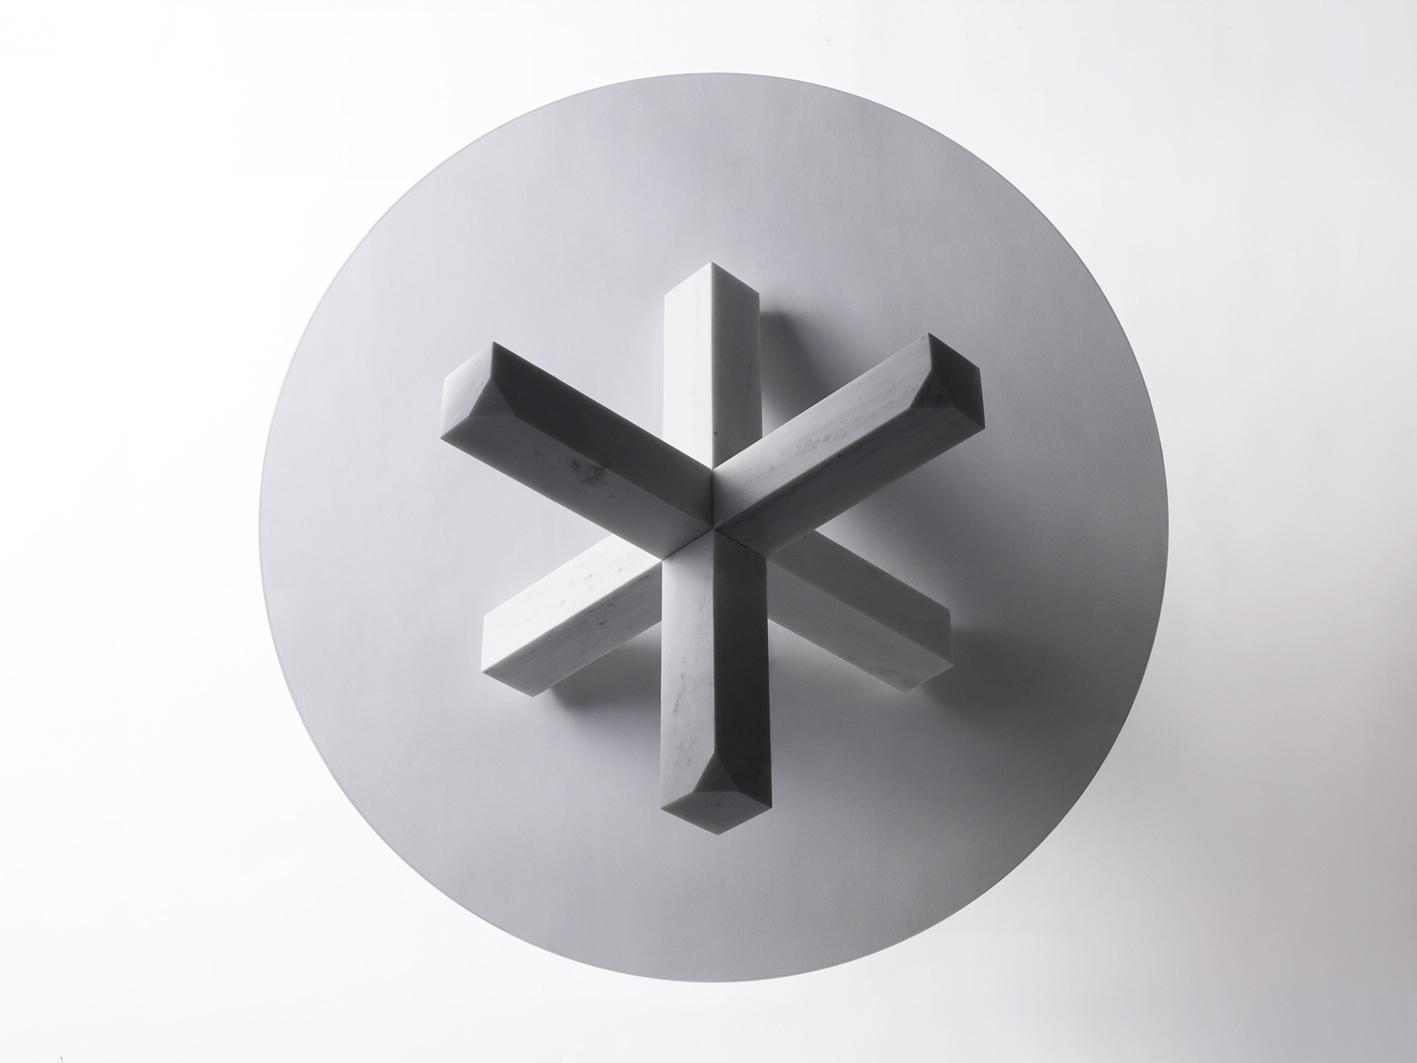 Hook Me Up Tavolo   Marmo di Carrara e Vetro   Minimal Design  Isabell Gatzen   Spazio Materiae   Napoli